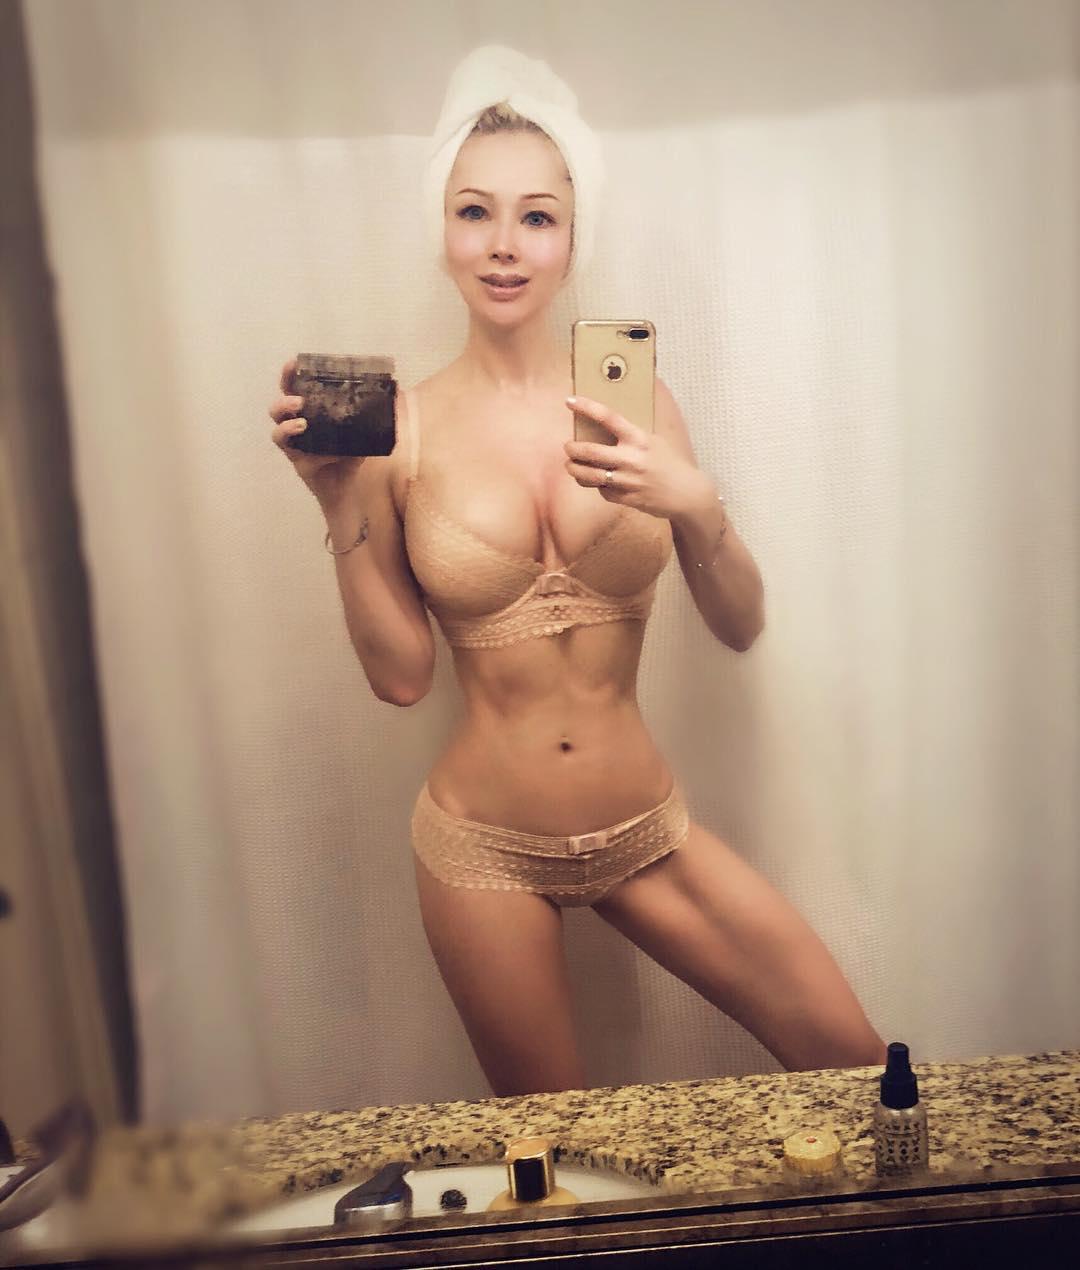 Одесская Барби редко делится фото, на которых она улыбается